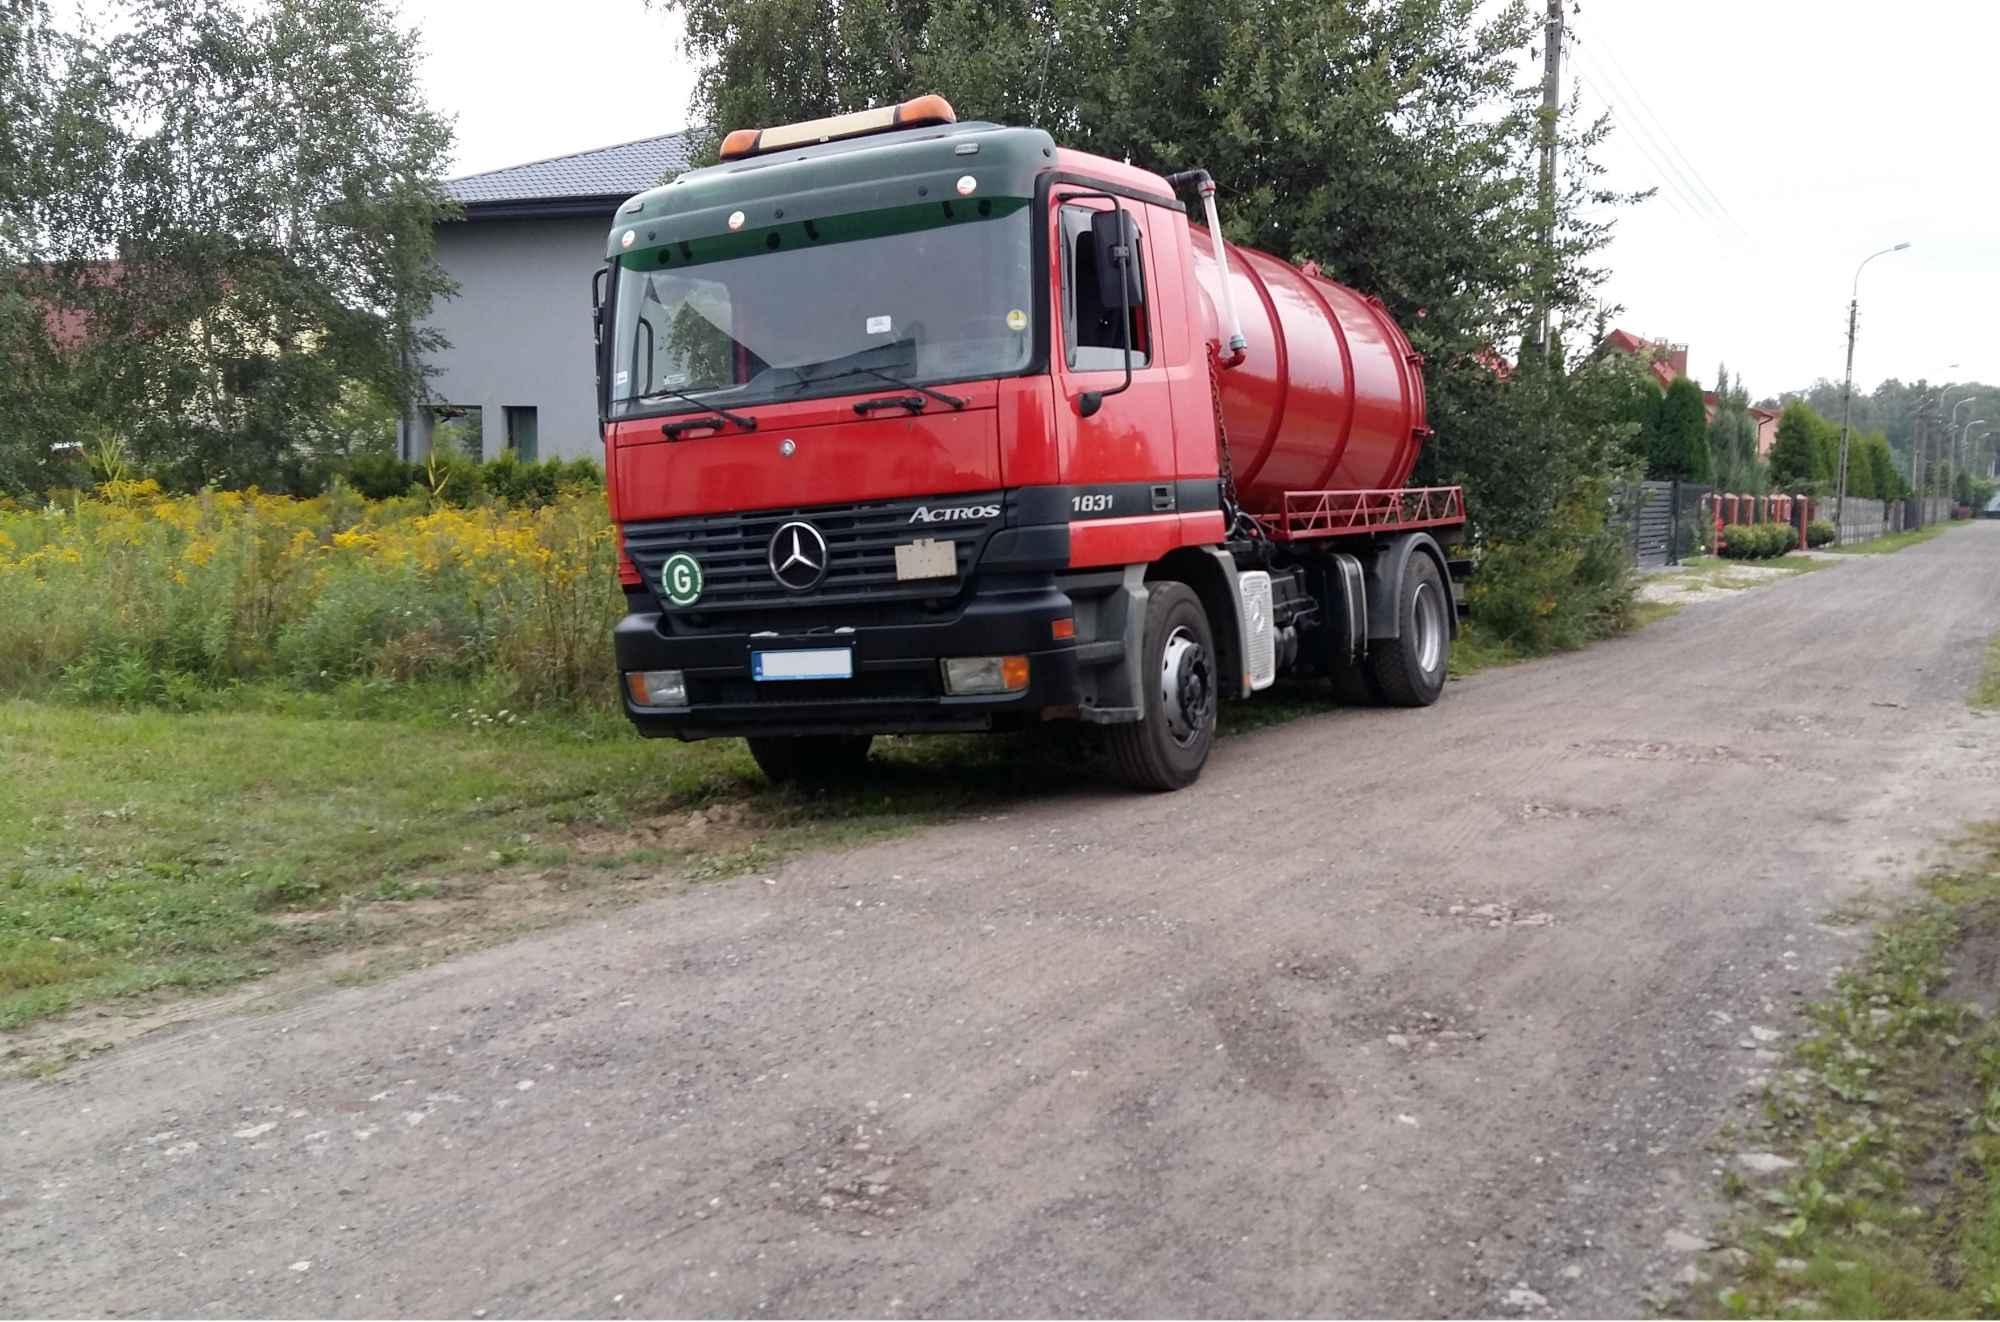 wywóz szamba odtykanie  rur kanalizacji KingKan WOŁOMIN787342182 Wołomin - zdjęcie 4